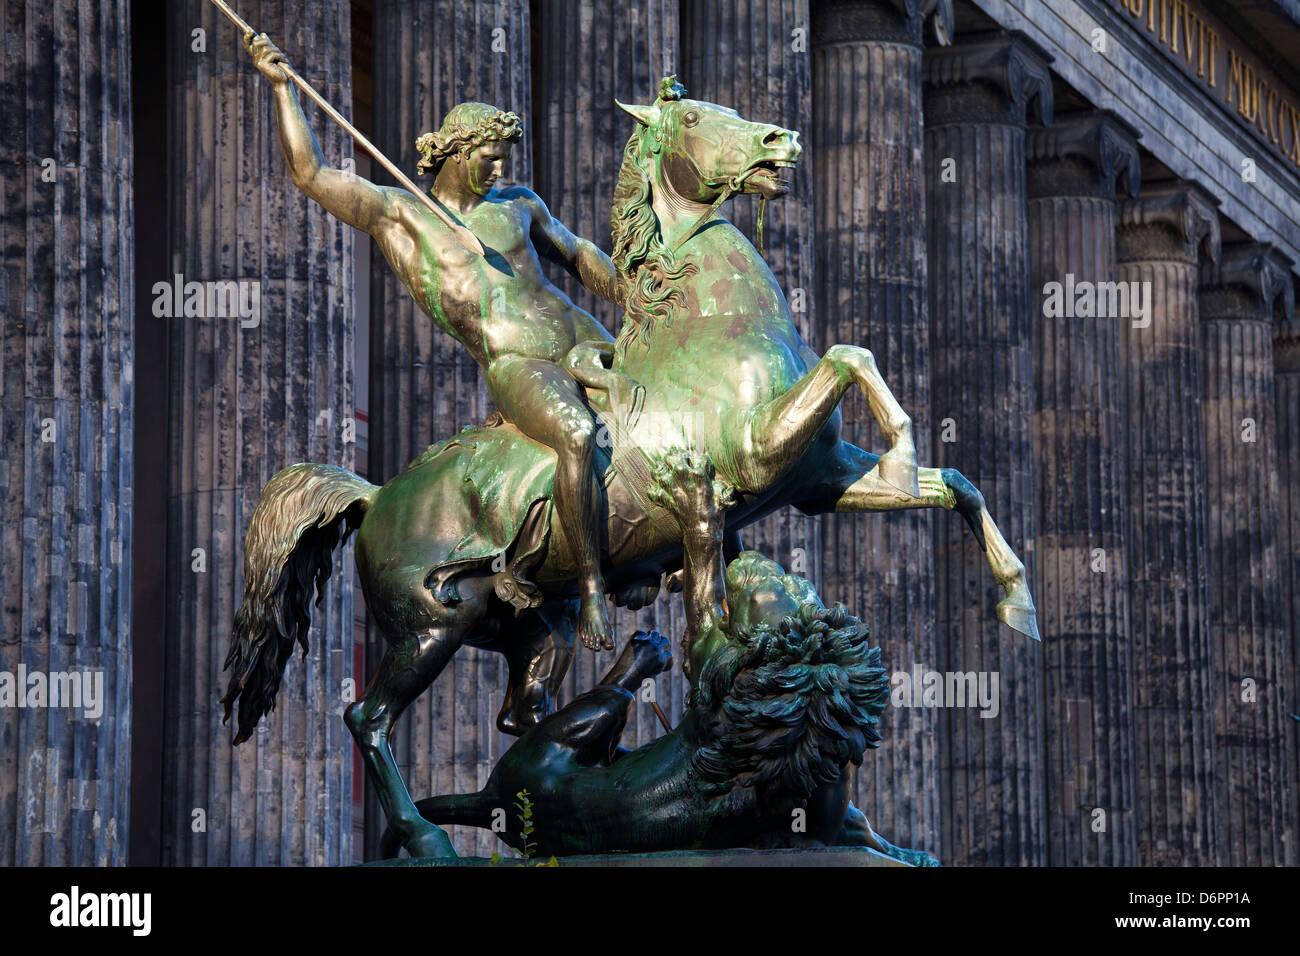 Statue d'un cavalier sur un cheval en face de l'Altes Museum, Berlin, Germany, Europe Photo Stock